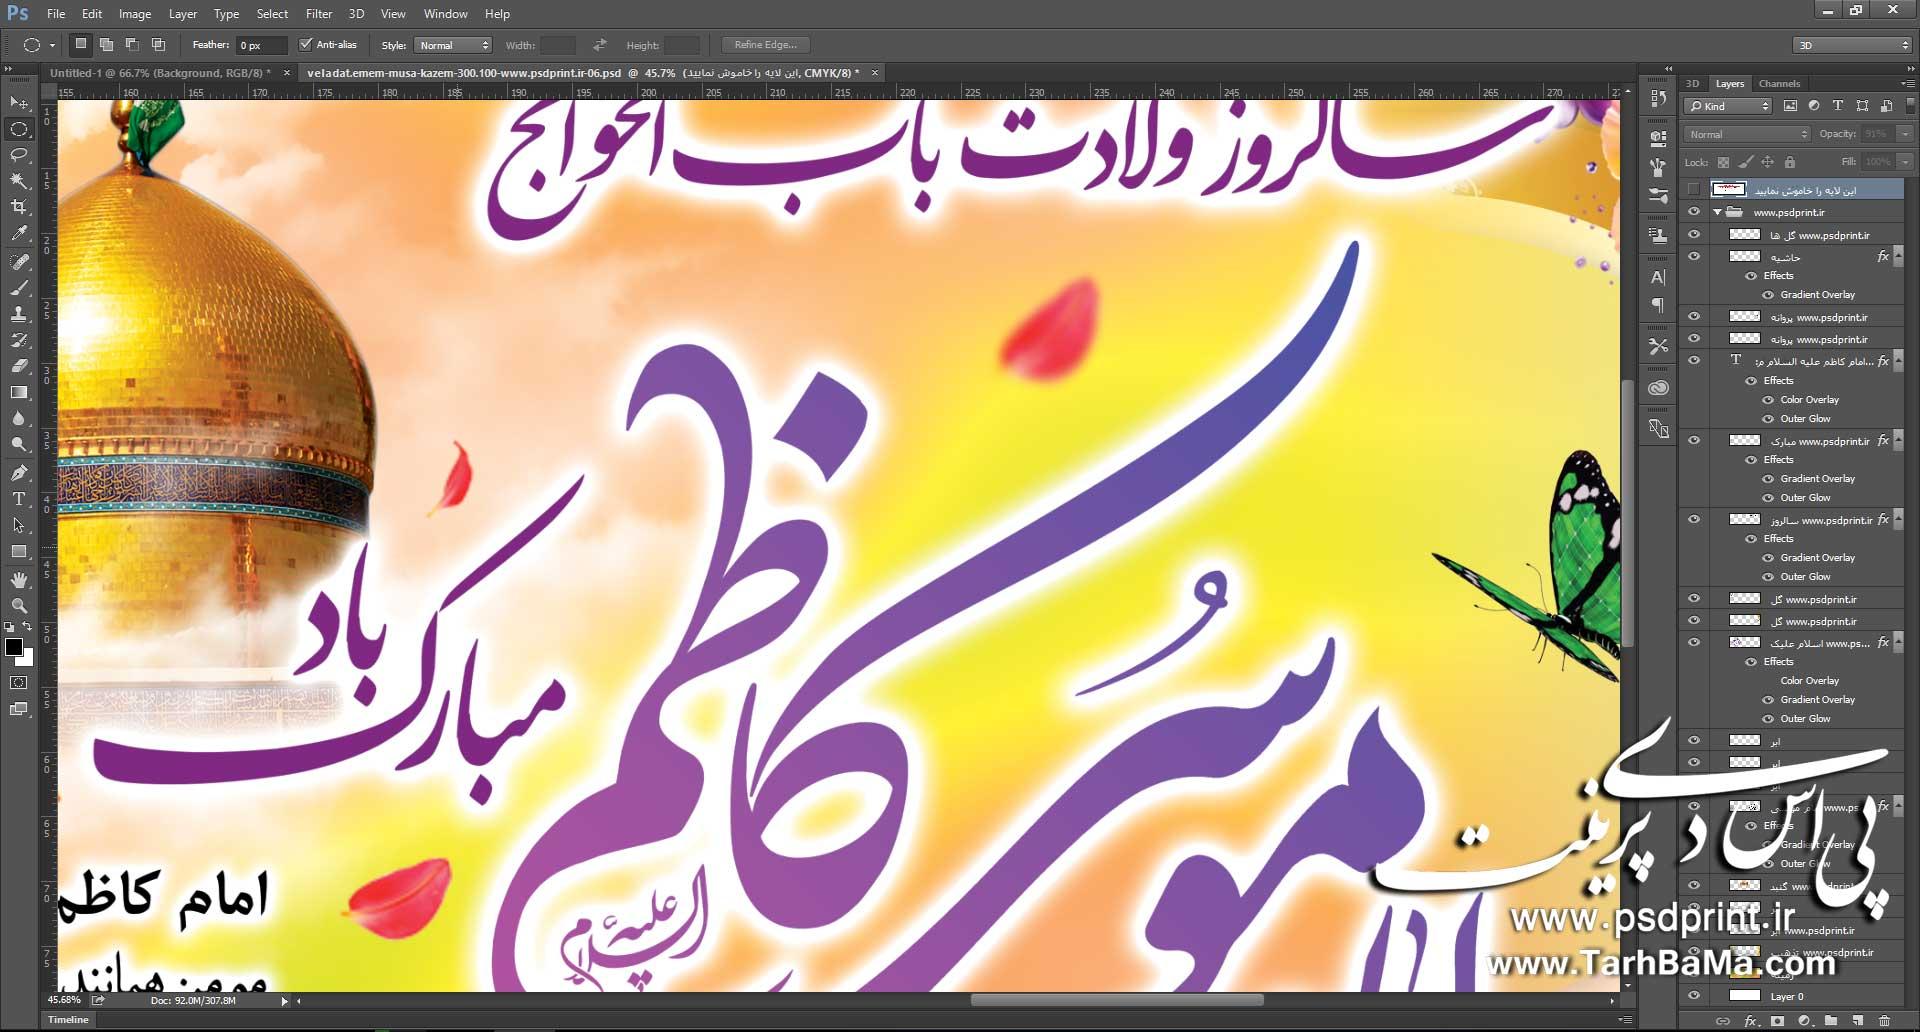 دانلود+بنر+تولد+امام+موسی+کاظم